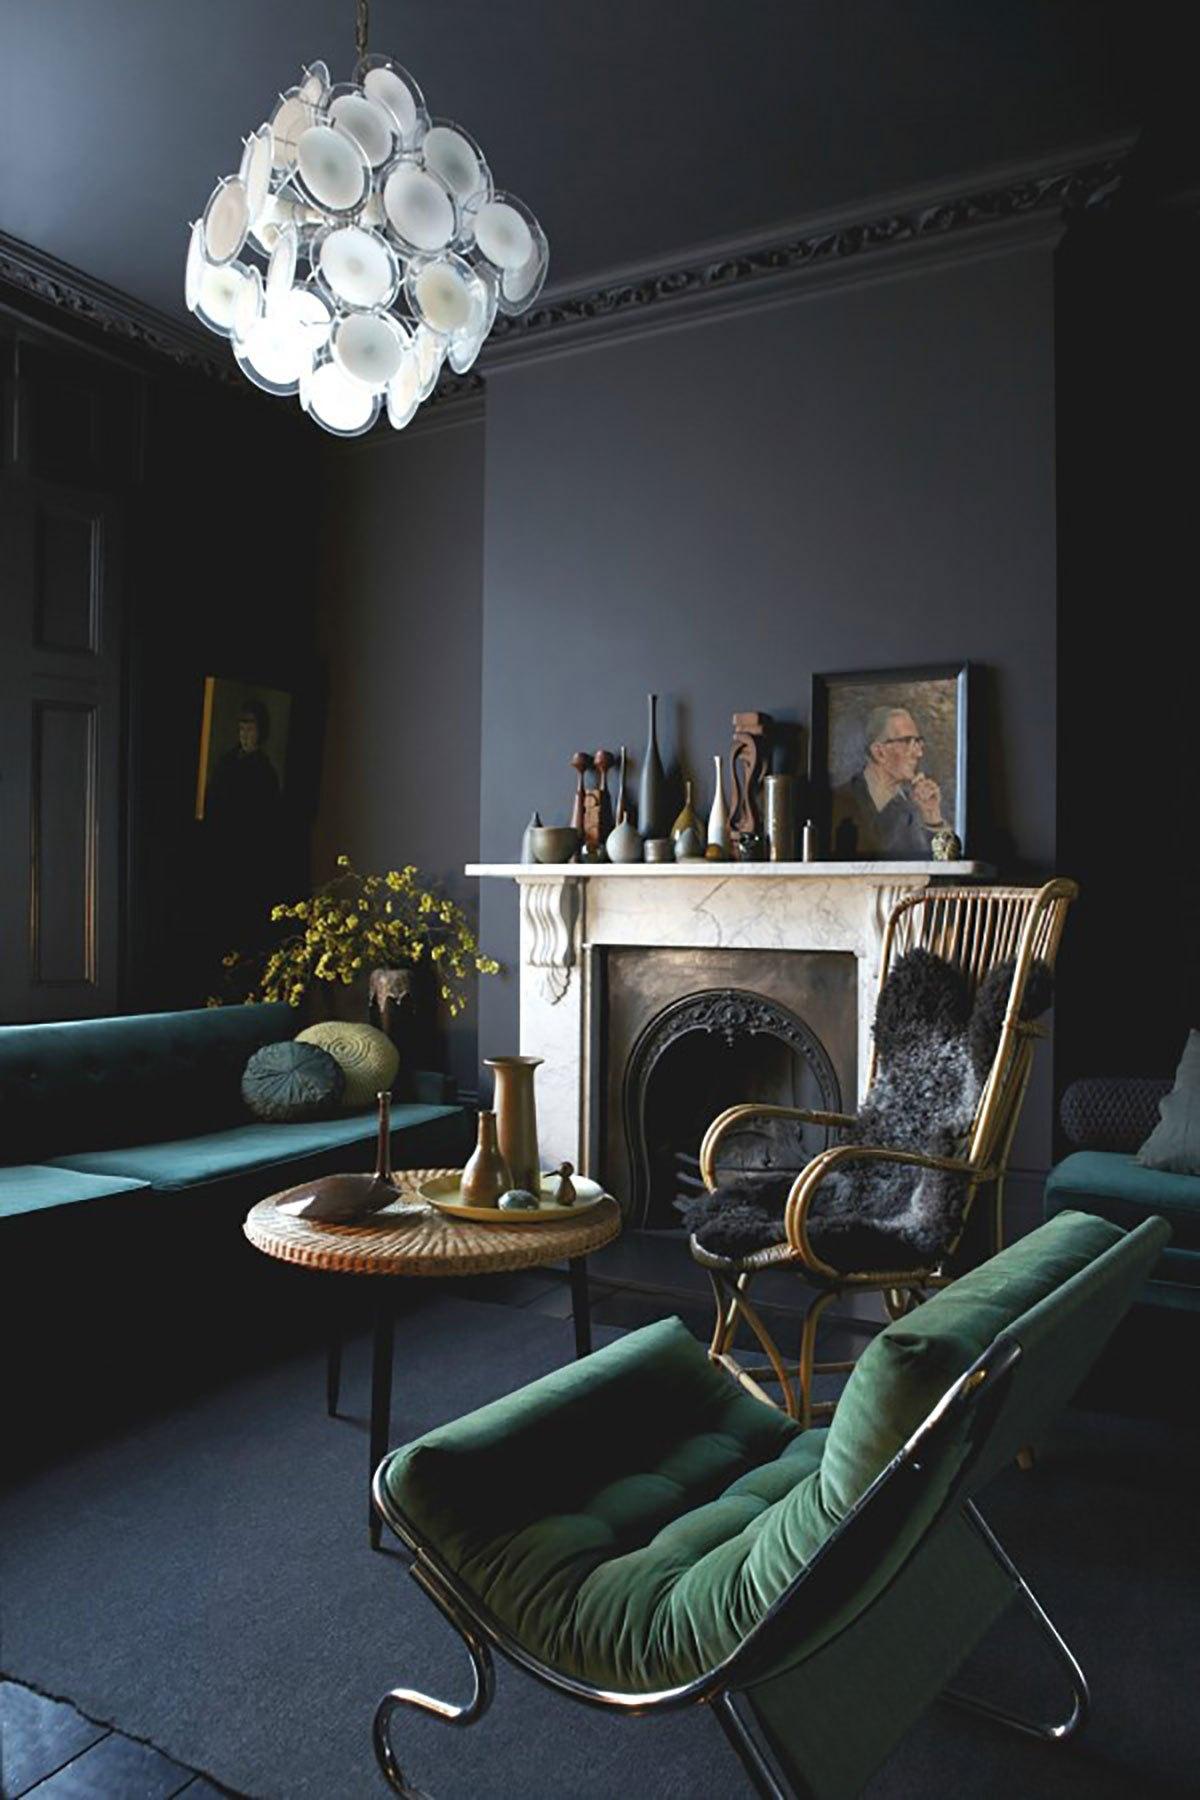 Moulures & couleurs sombres dans des intérieurs Haussmanniens - FrenchyFancy